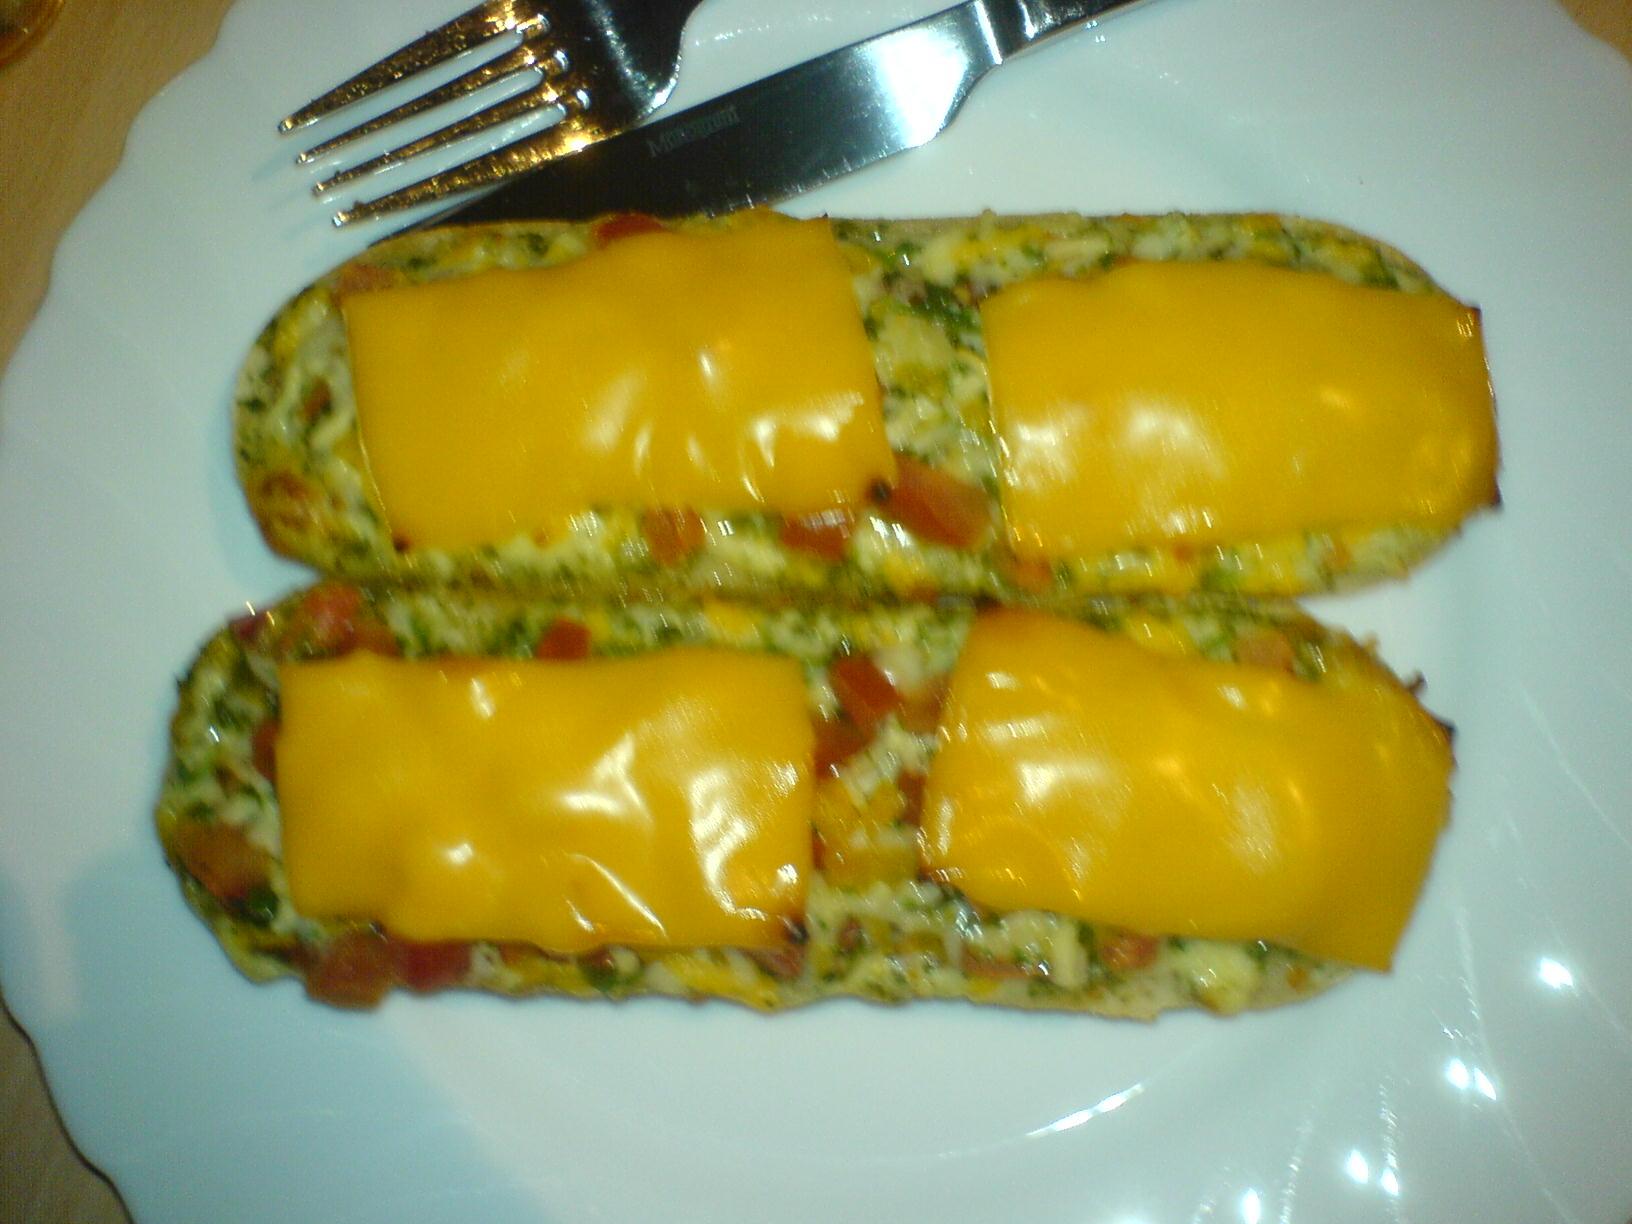 http://foodloader.net/Holz_2008-01-29_Bistro-Baguettes.jpg